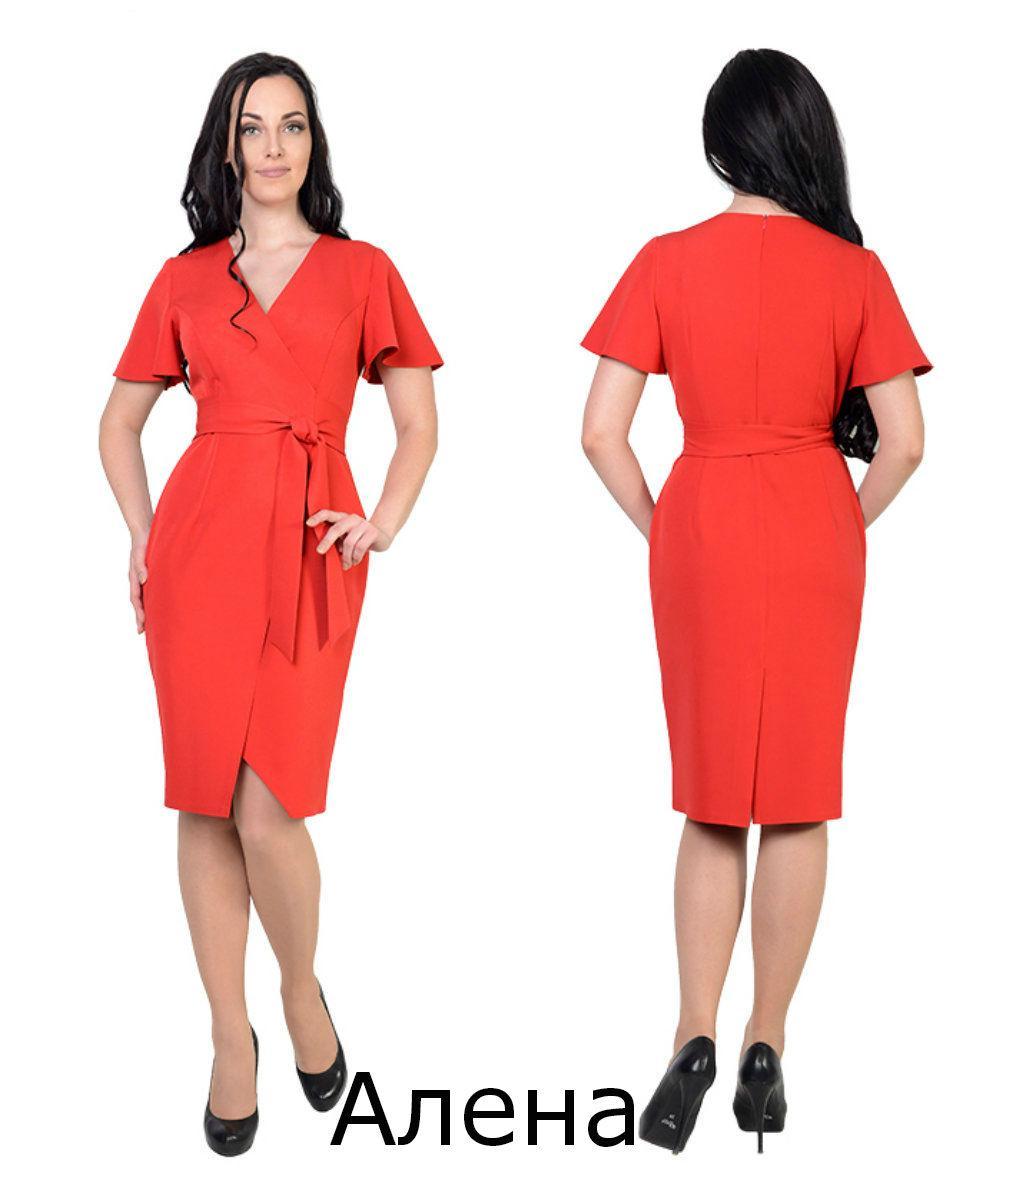 1a0048921be Женственное летнее платье с оригинальными рукавами Алена